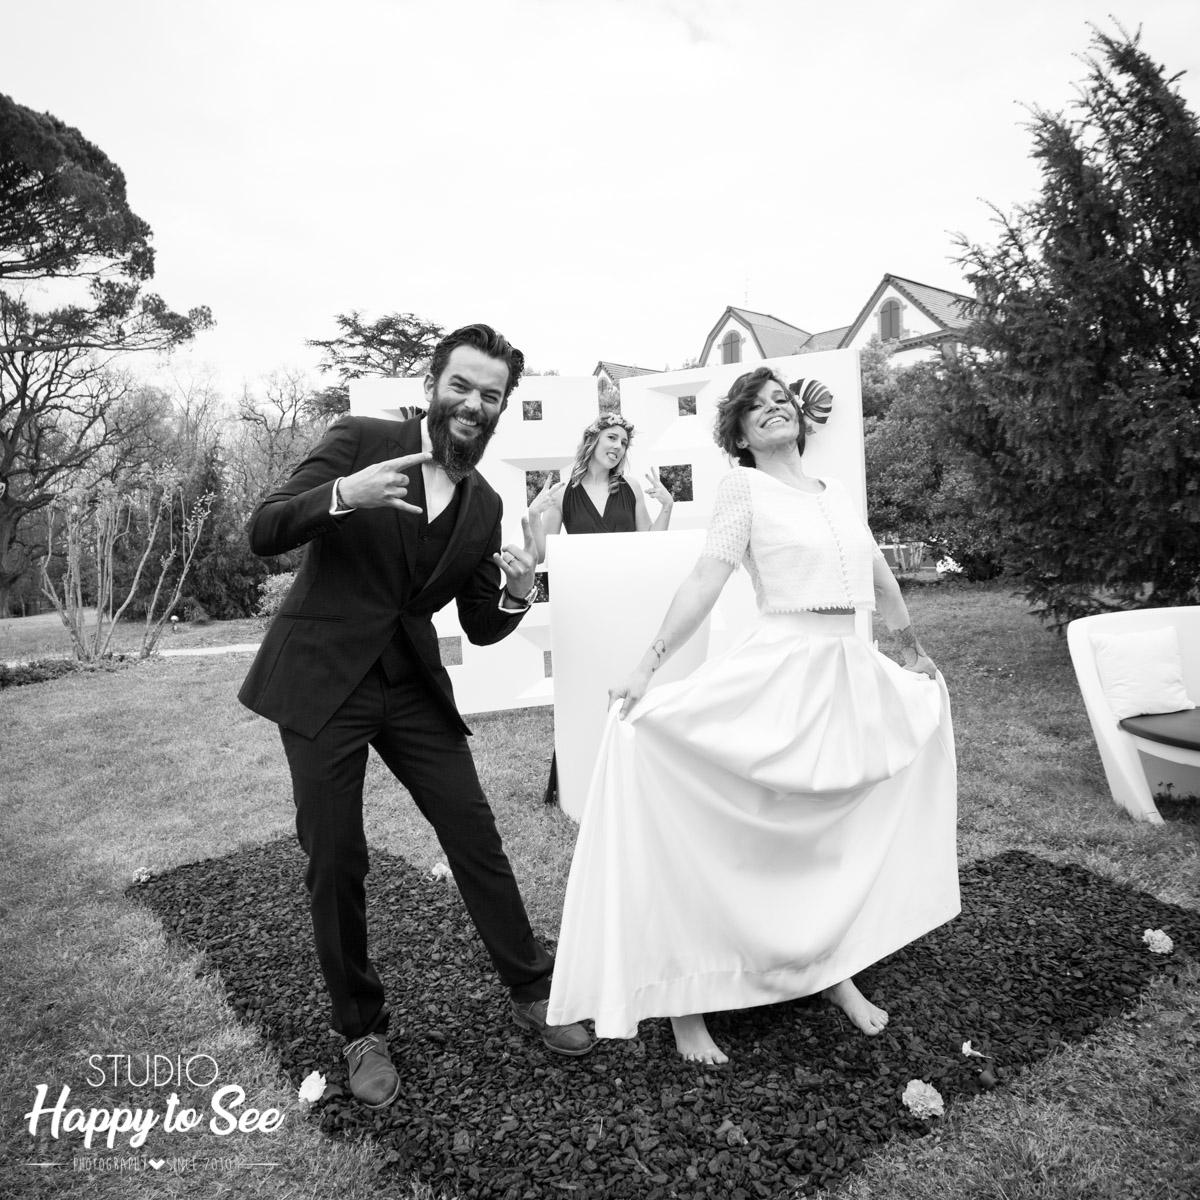 mariage rock ceremonie laique Domaine-denfargou officiante une belle journee